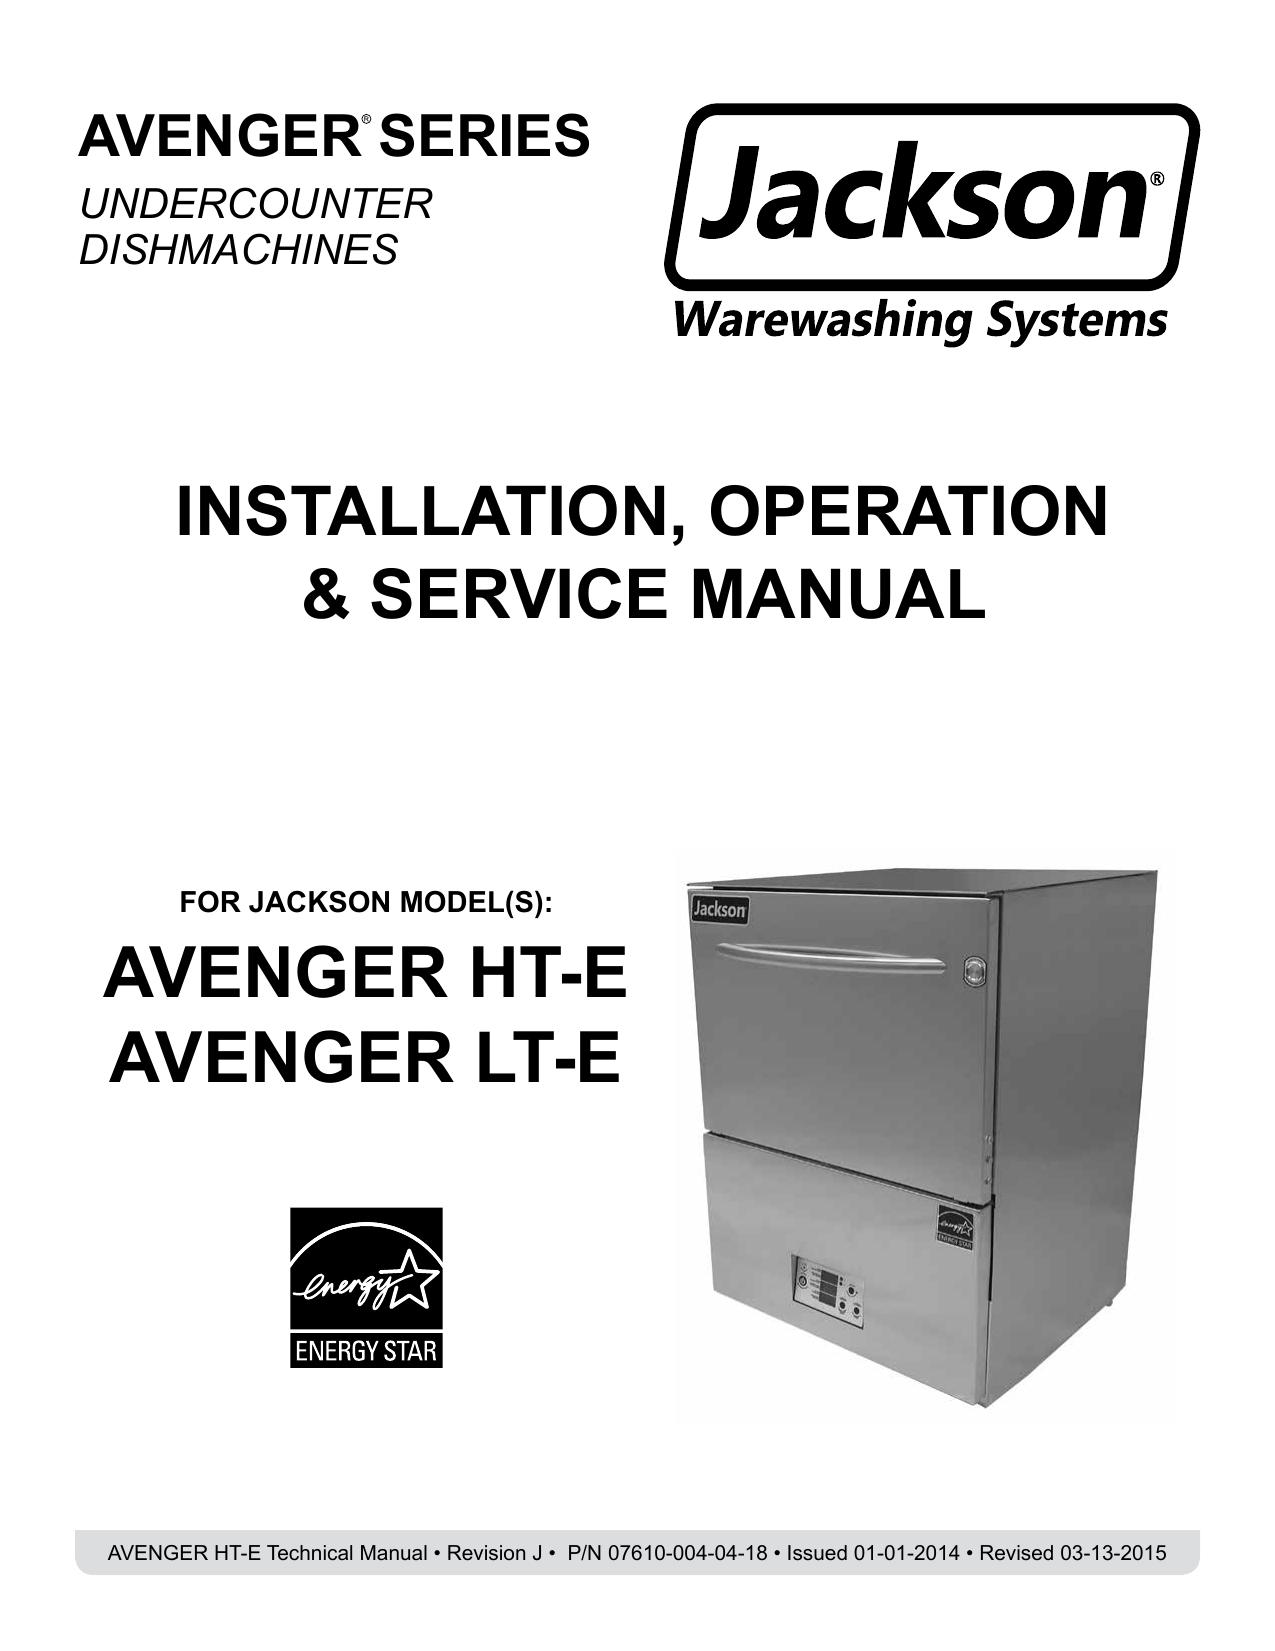 Jackson Avenger Wiring Diagram Electrical Schematics Ht E Lt Manualzz Com Impala